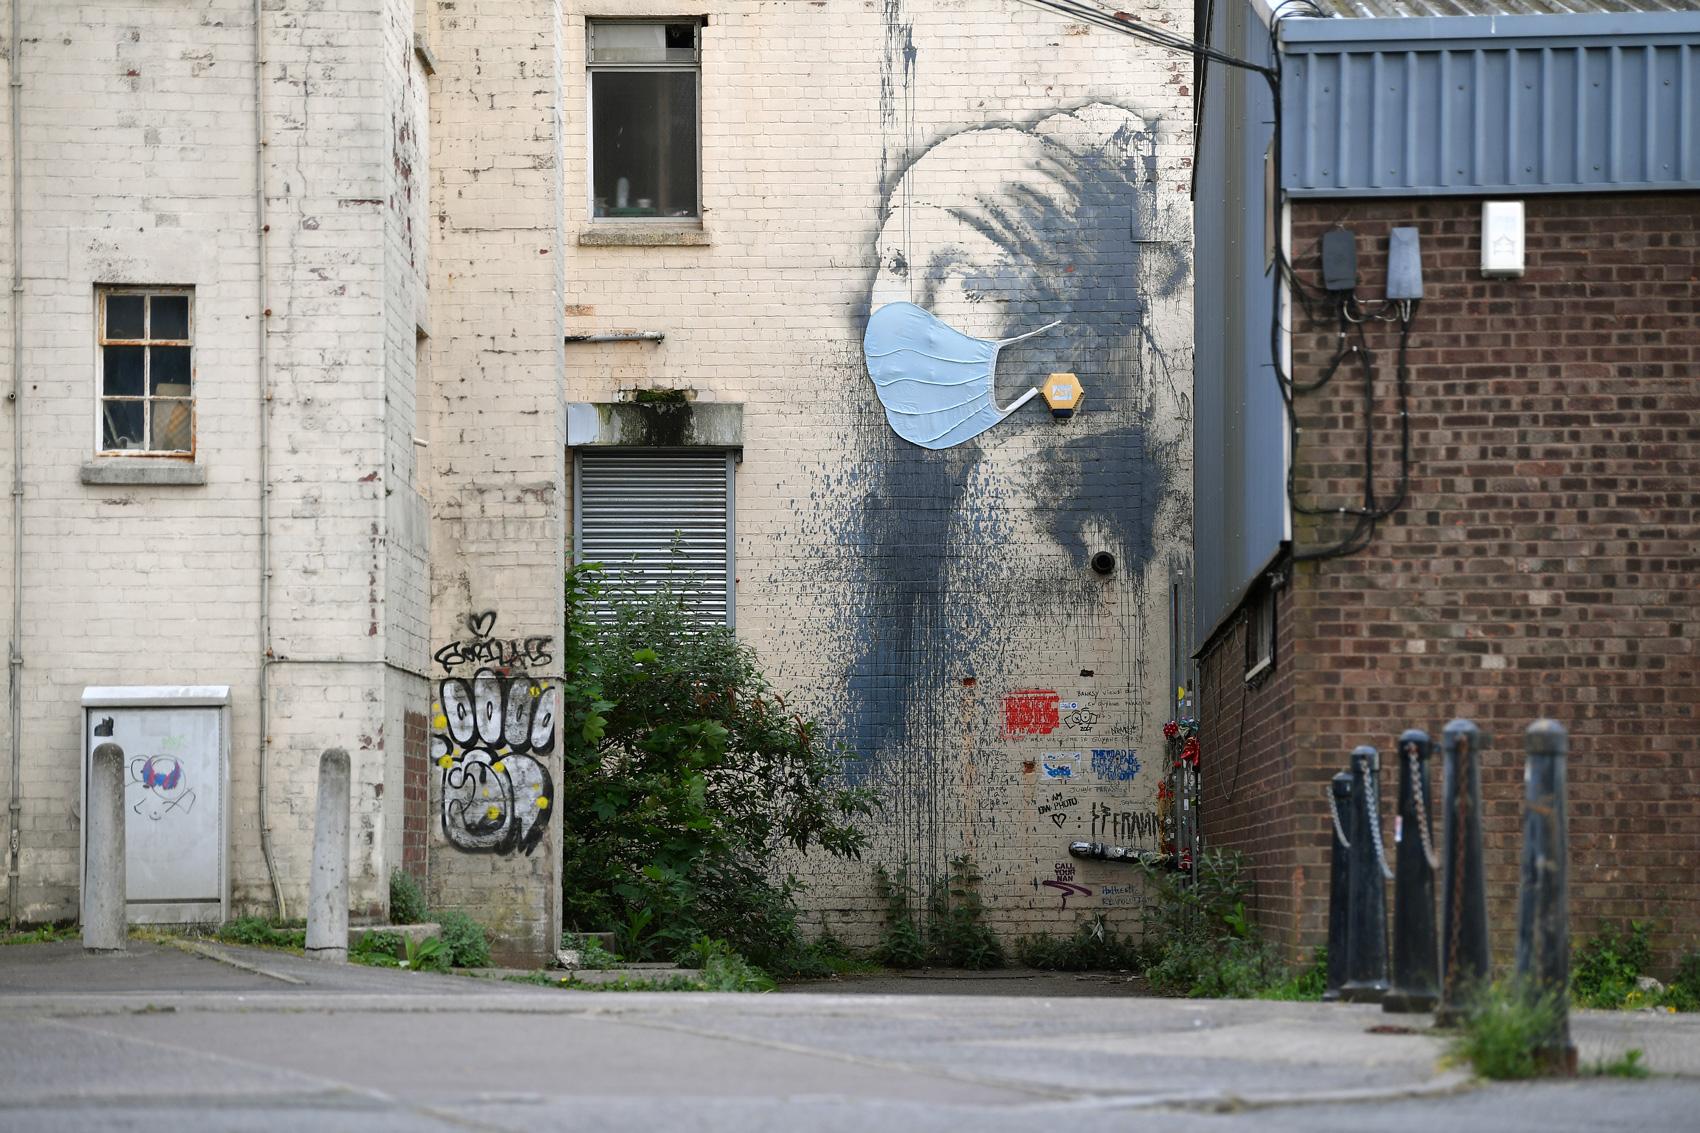 Le opere iconiche di Banksy, lo street artist più famoso al mondo - Foto